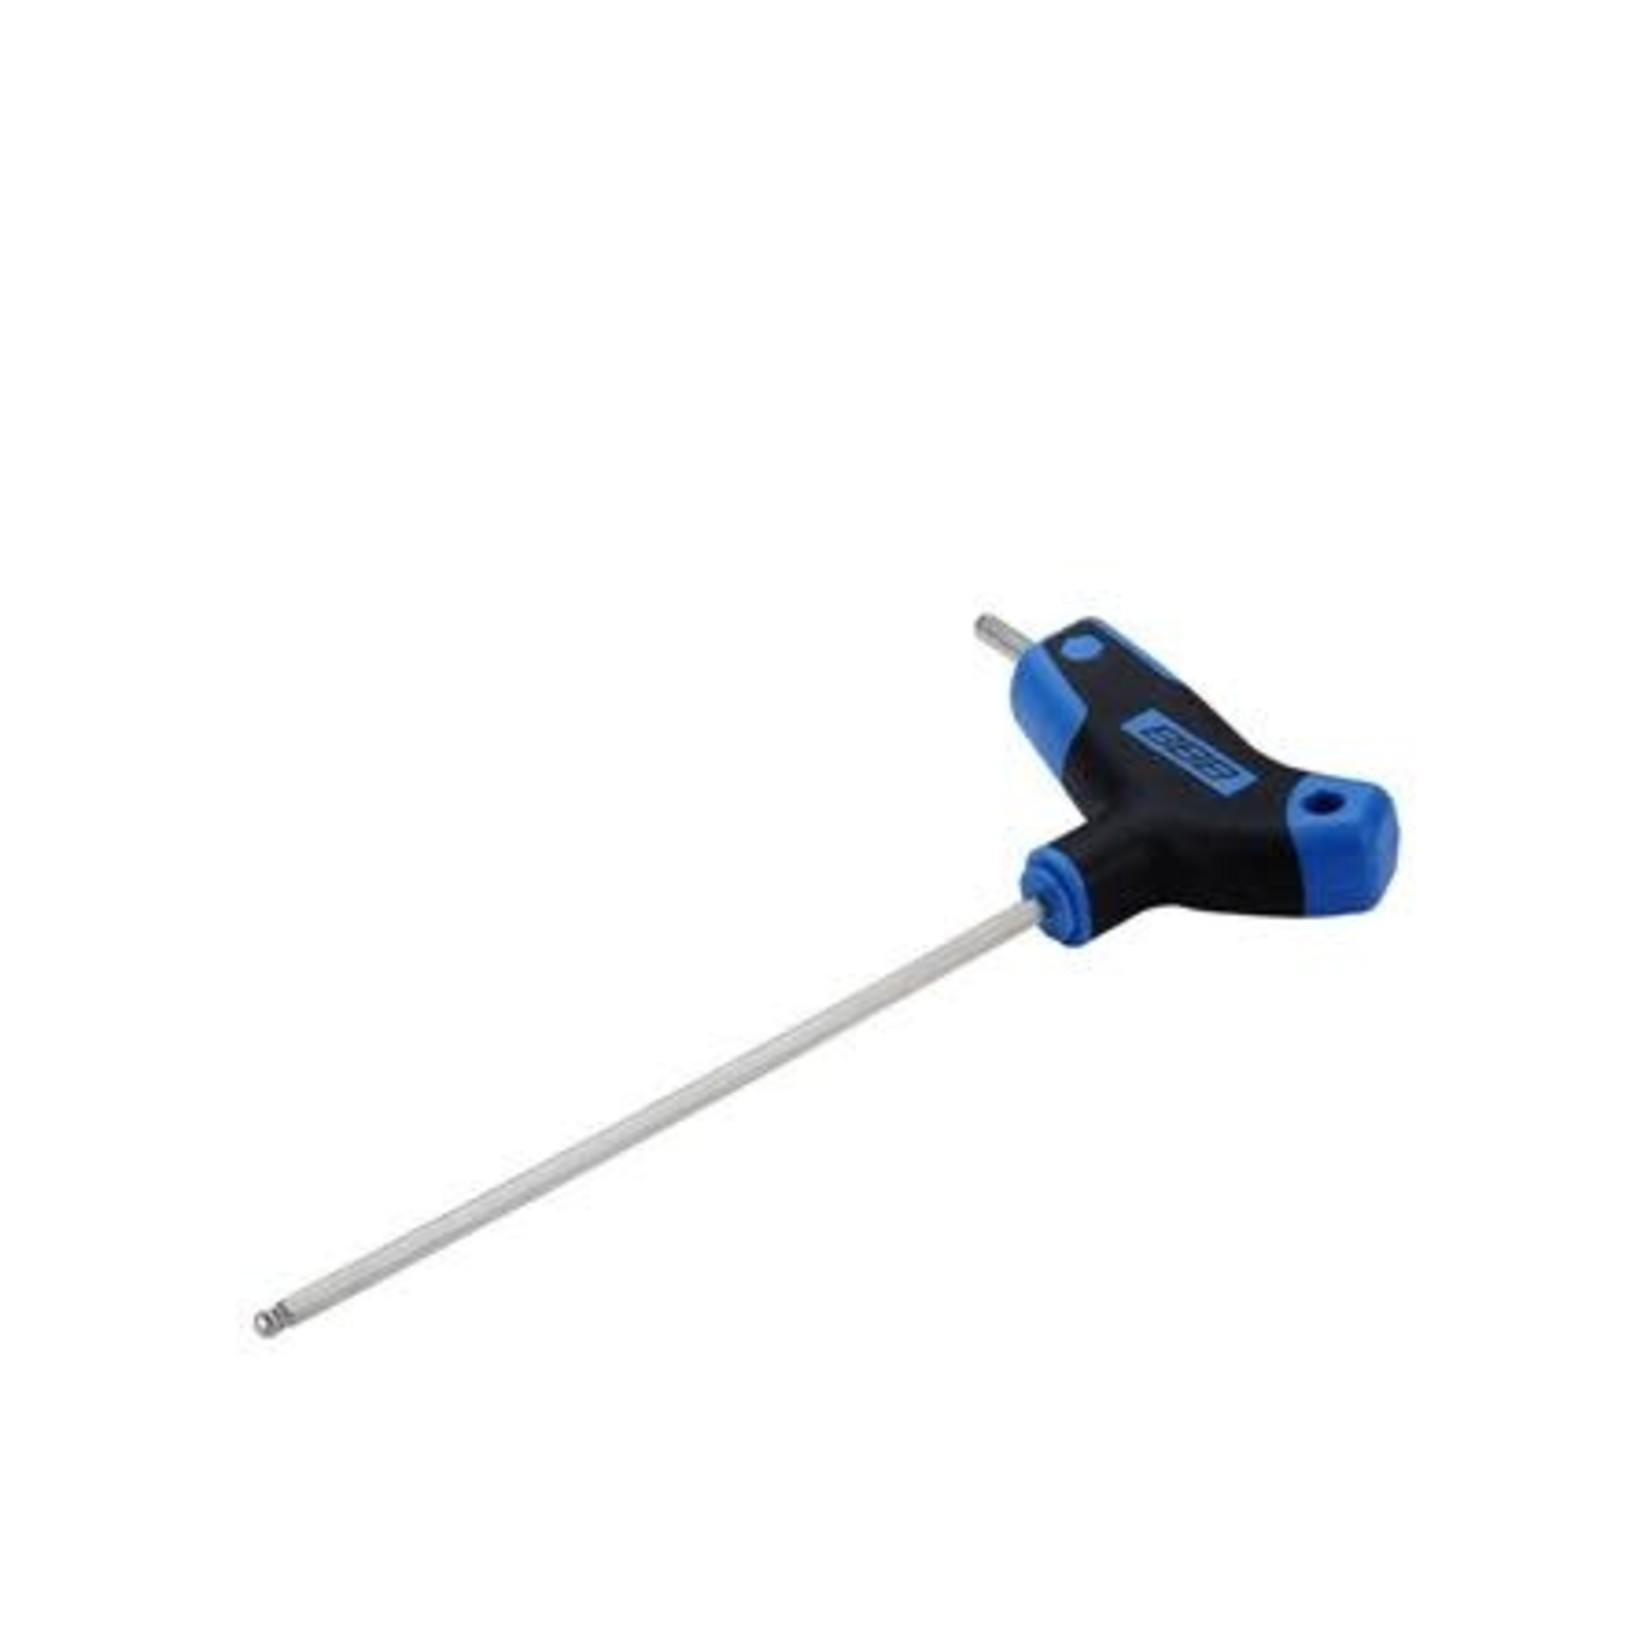 BBB BBB T-handle Allen key 5mm